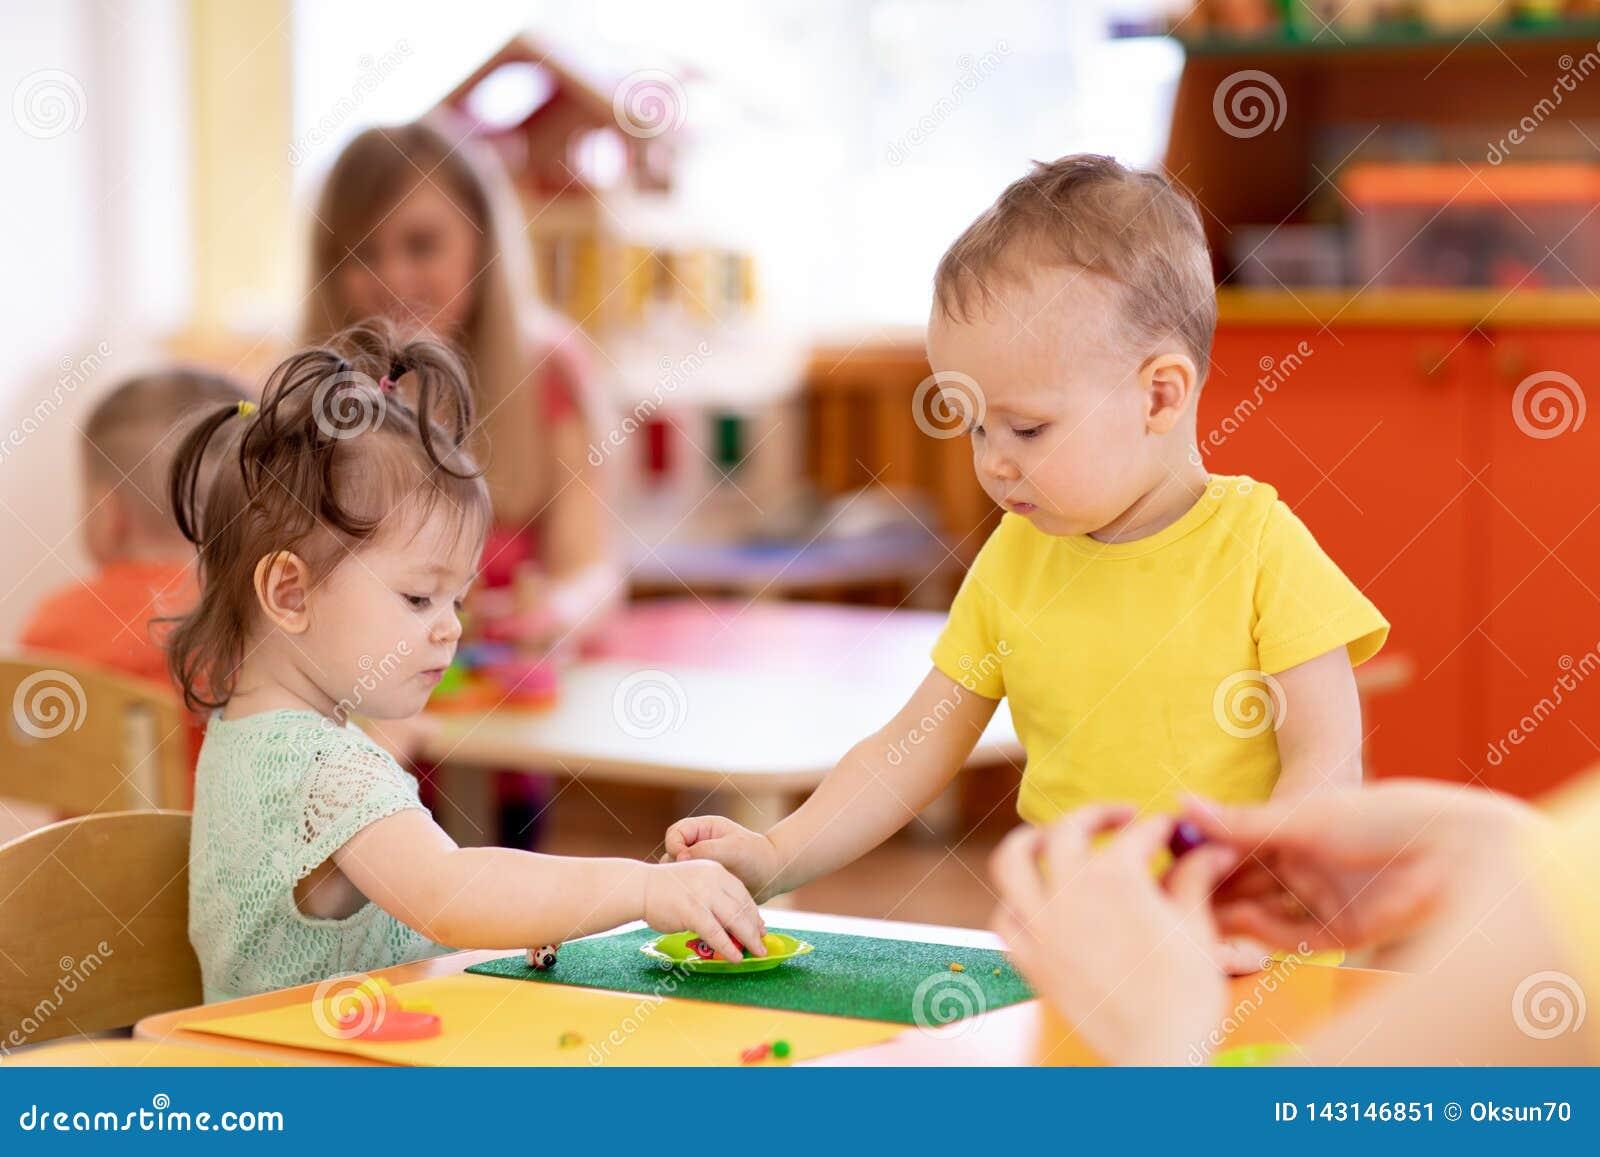 在托婴所小孩从戏剧面团的女孩和男孩造型